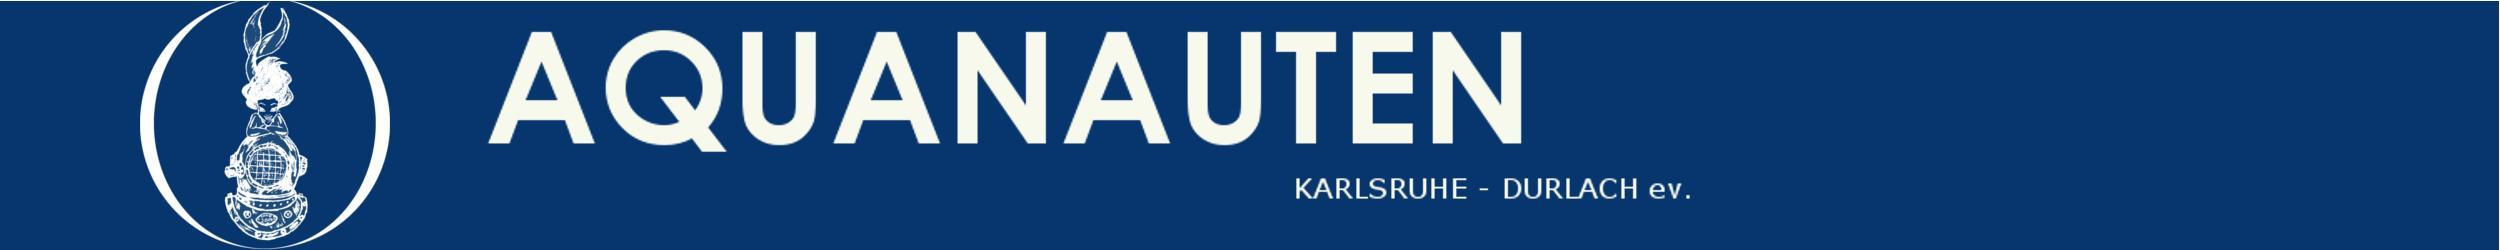 Aquanauten Karlsruhe-Durlach e.V.